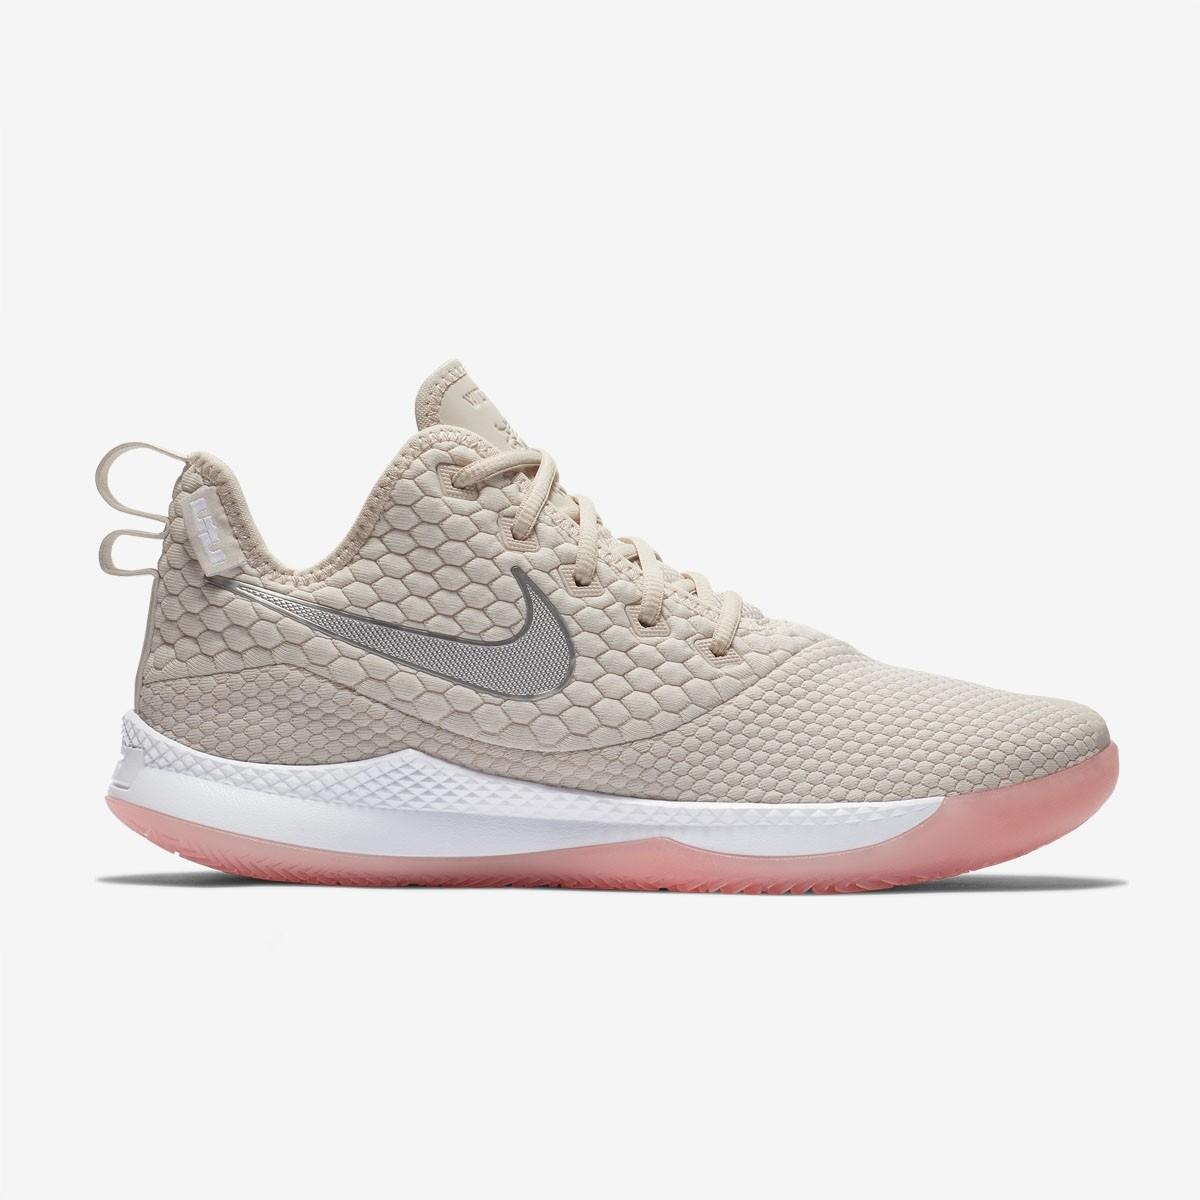 Nike Lebron Witness III 'Vanilla'